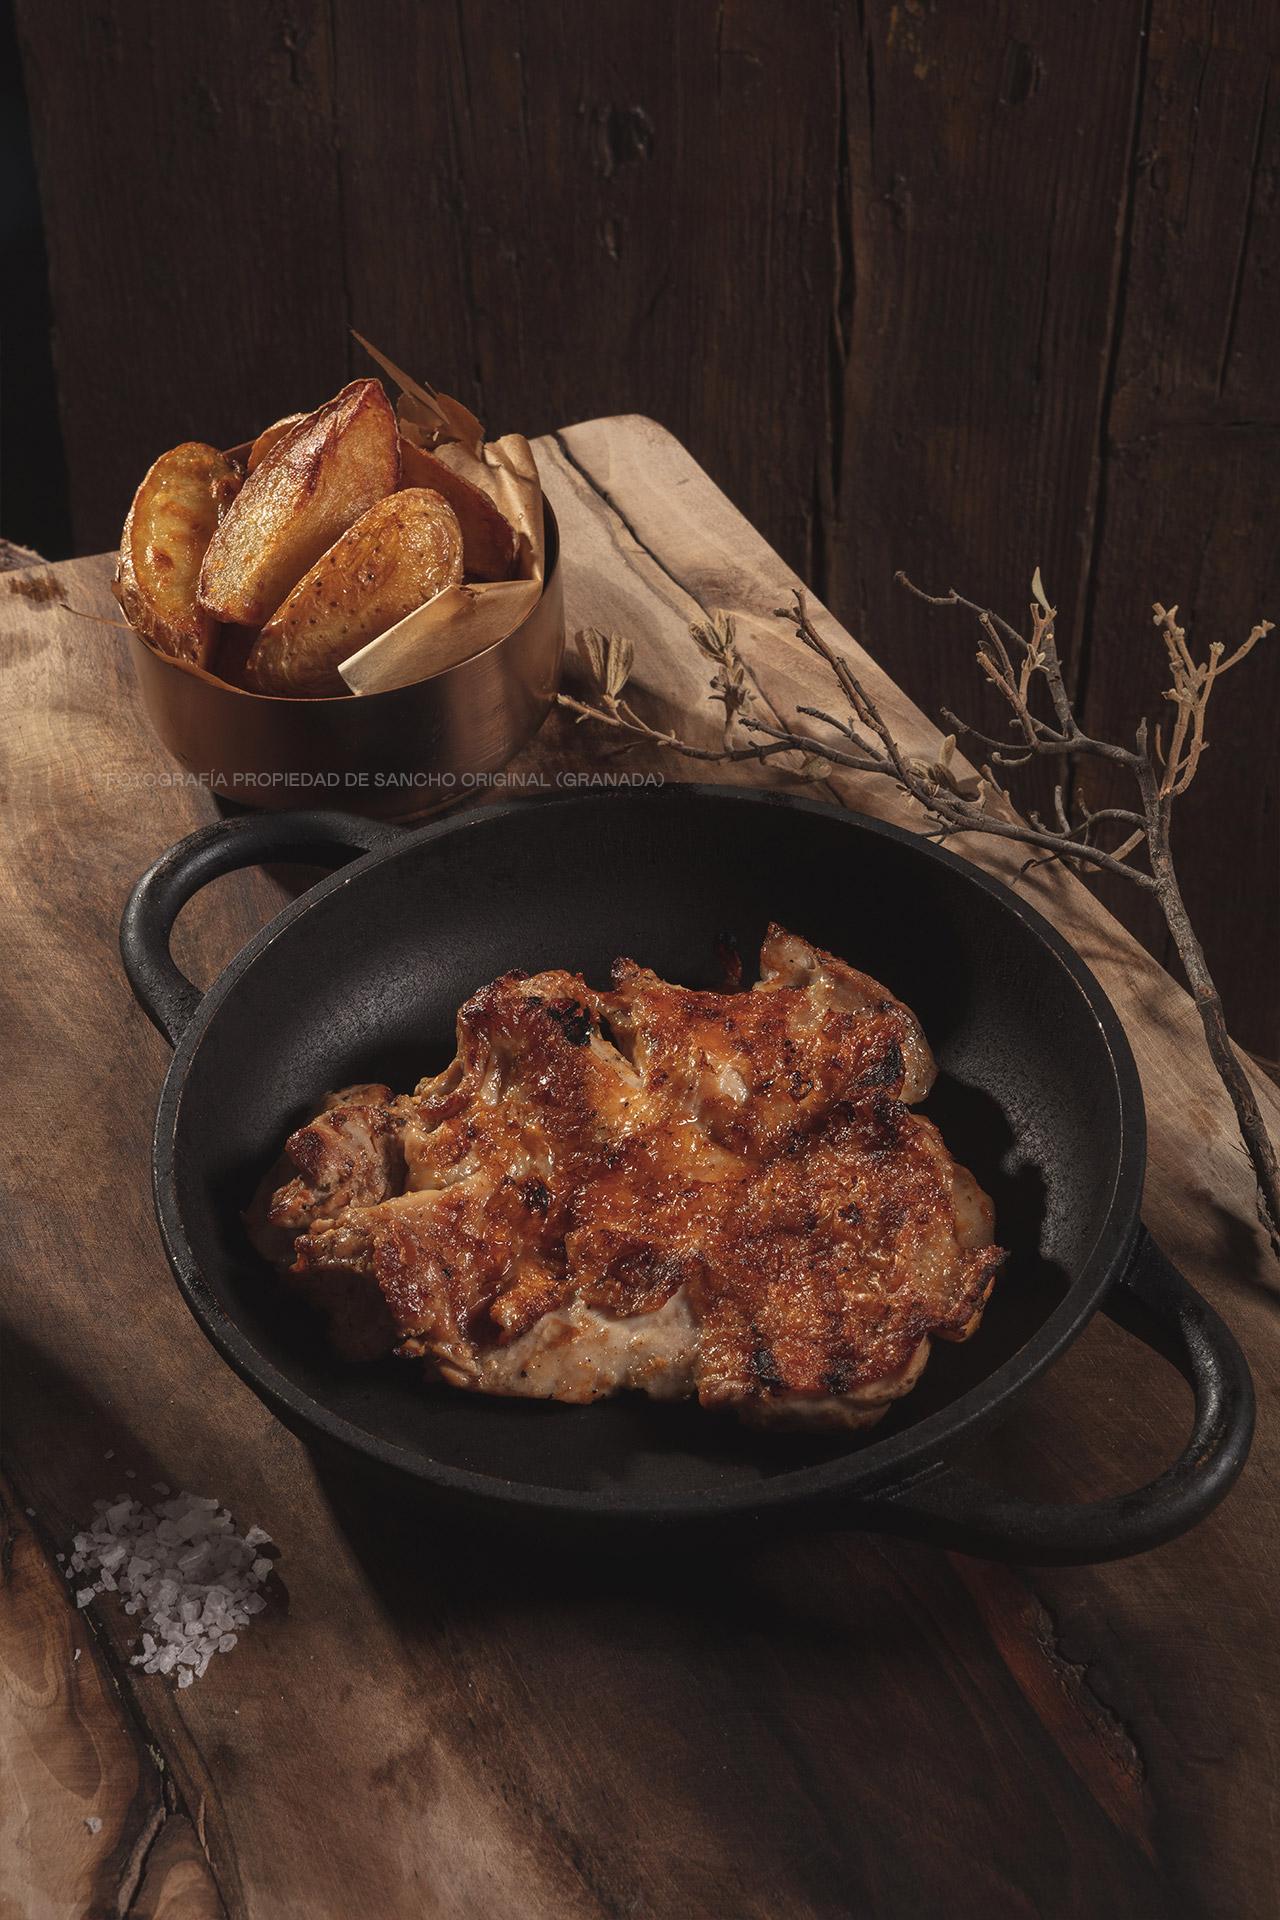 Churrasco de pollo marinado y patatas gajo de Sancho Original